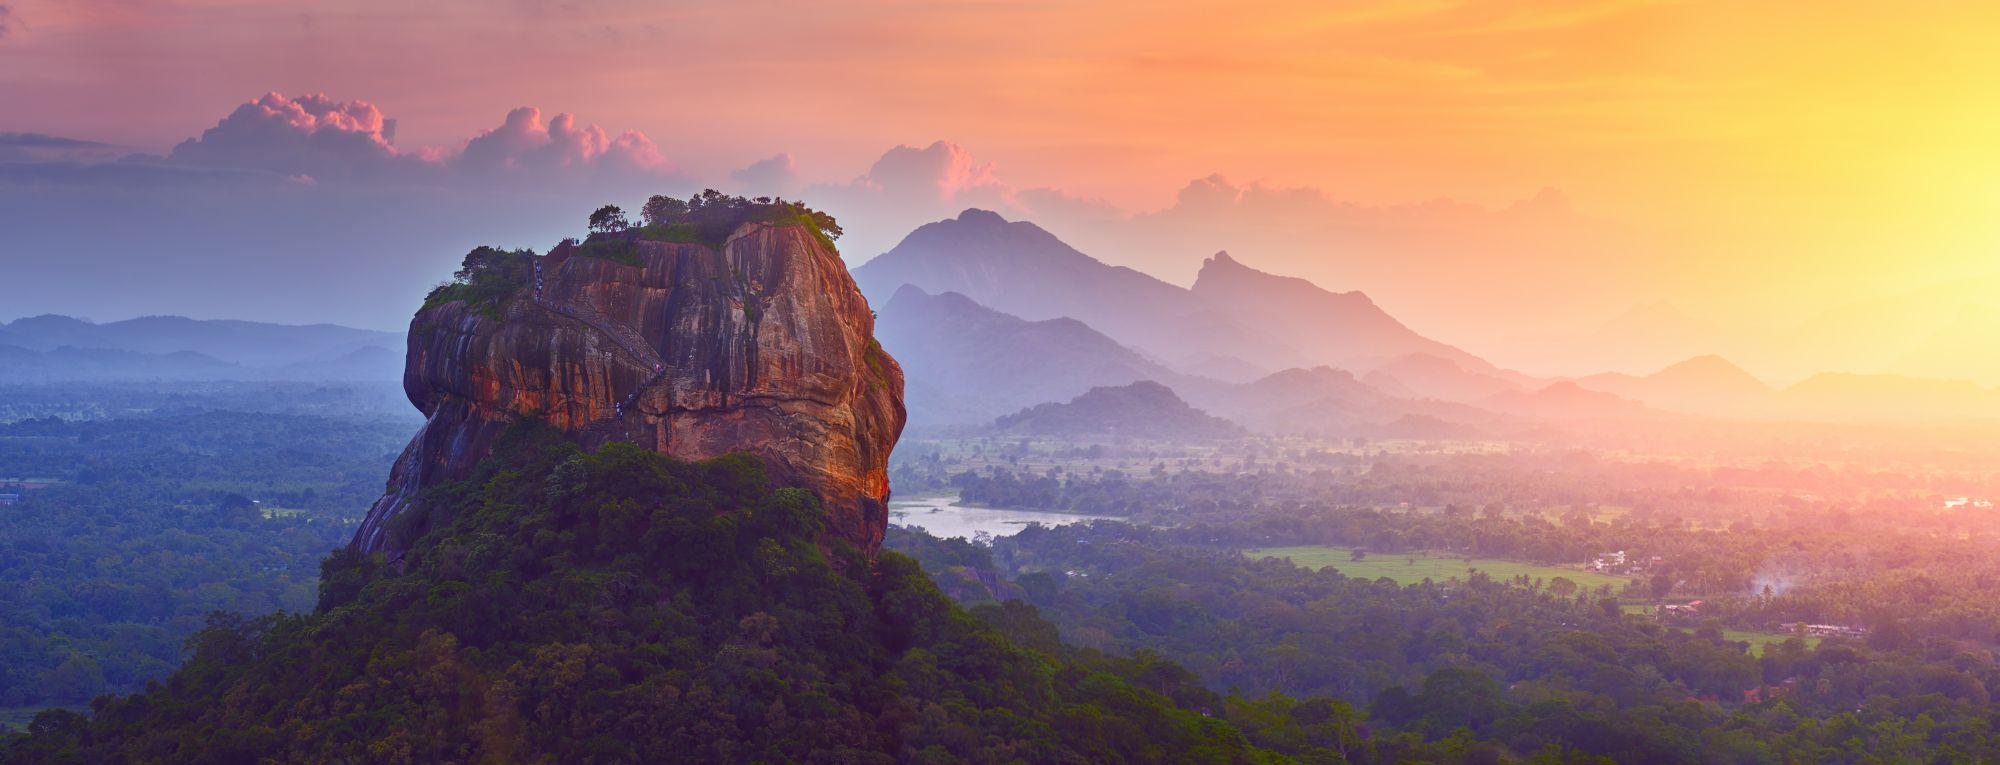 Sri Lanka Sigiriya leeuwenrots bij zonsondergang